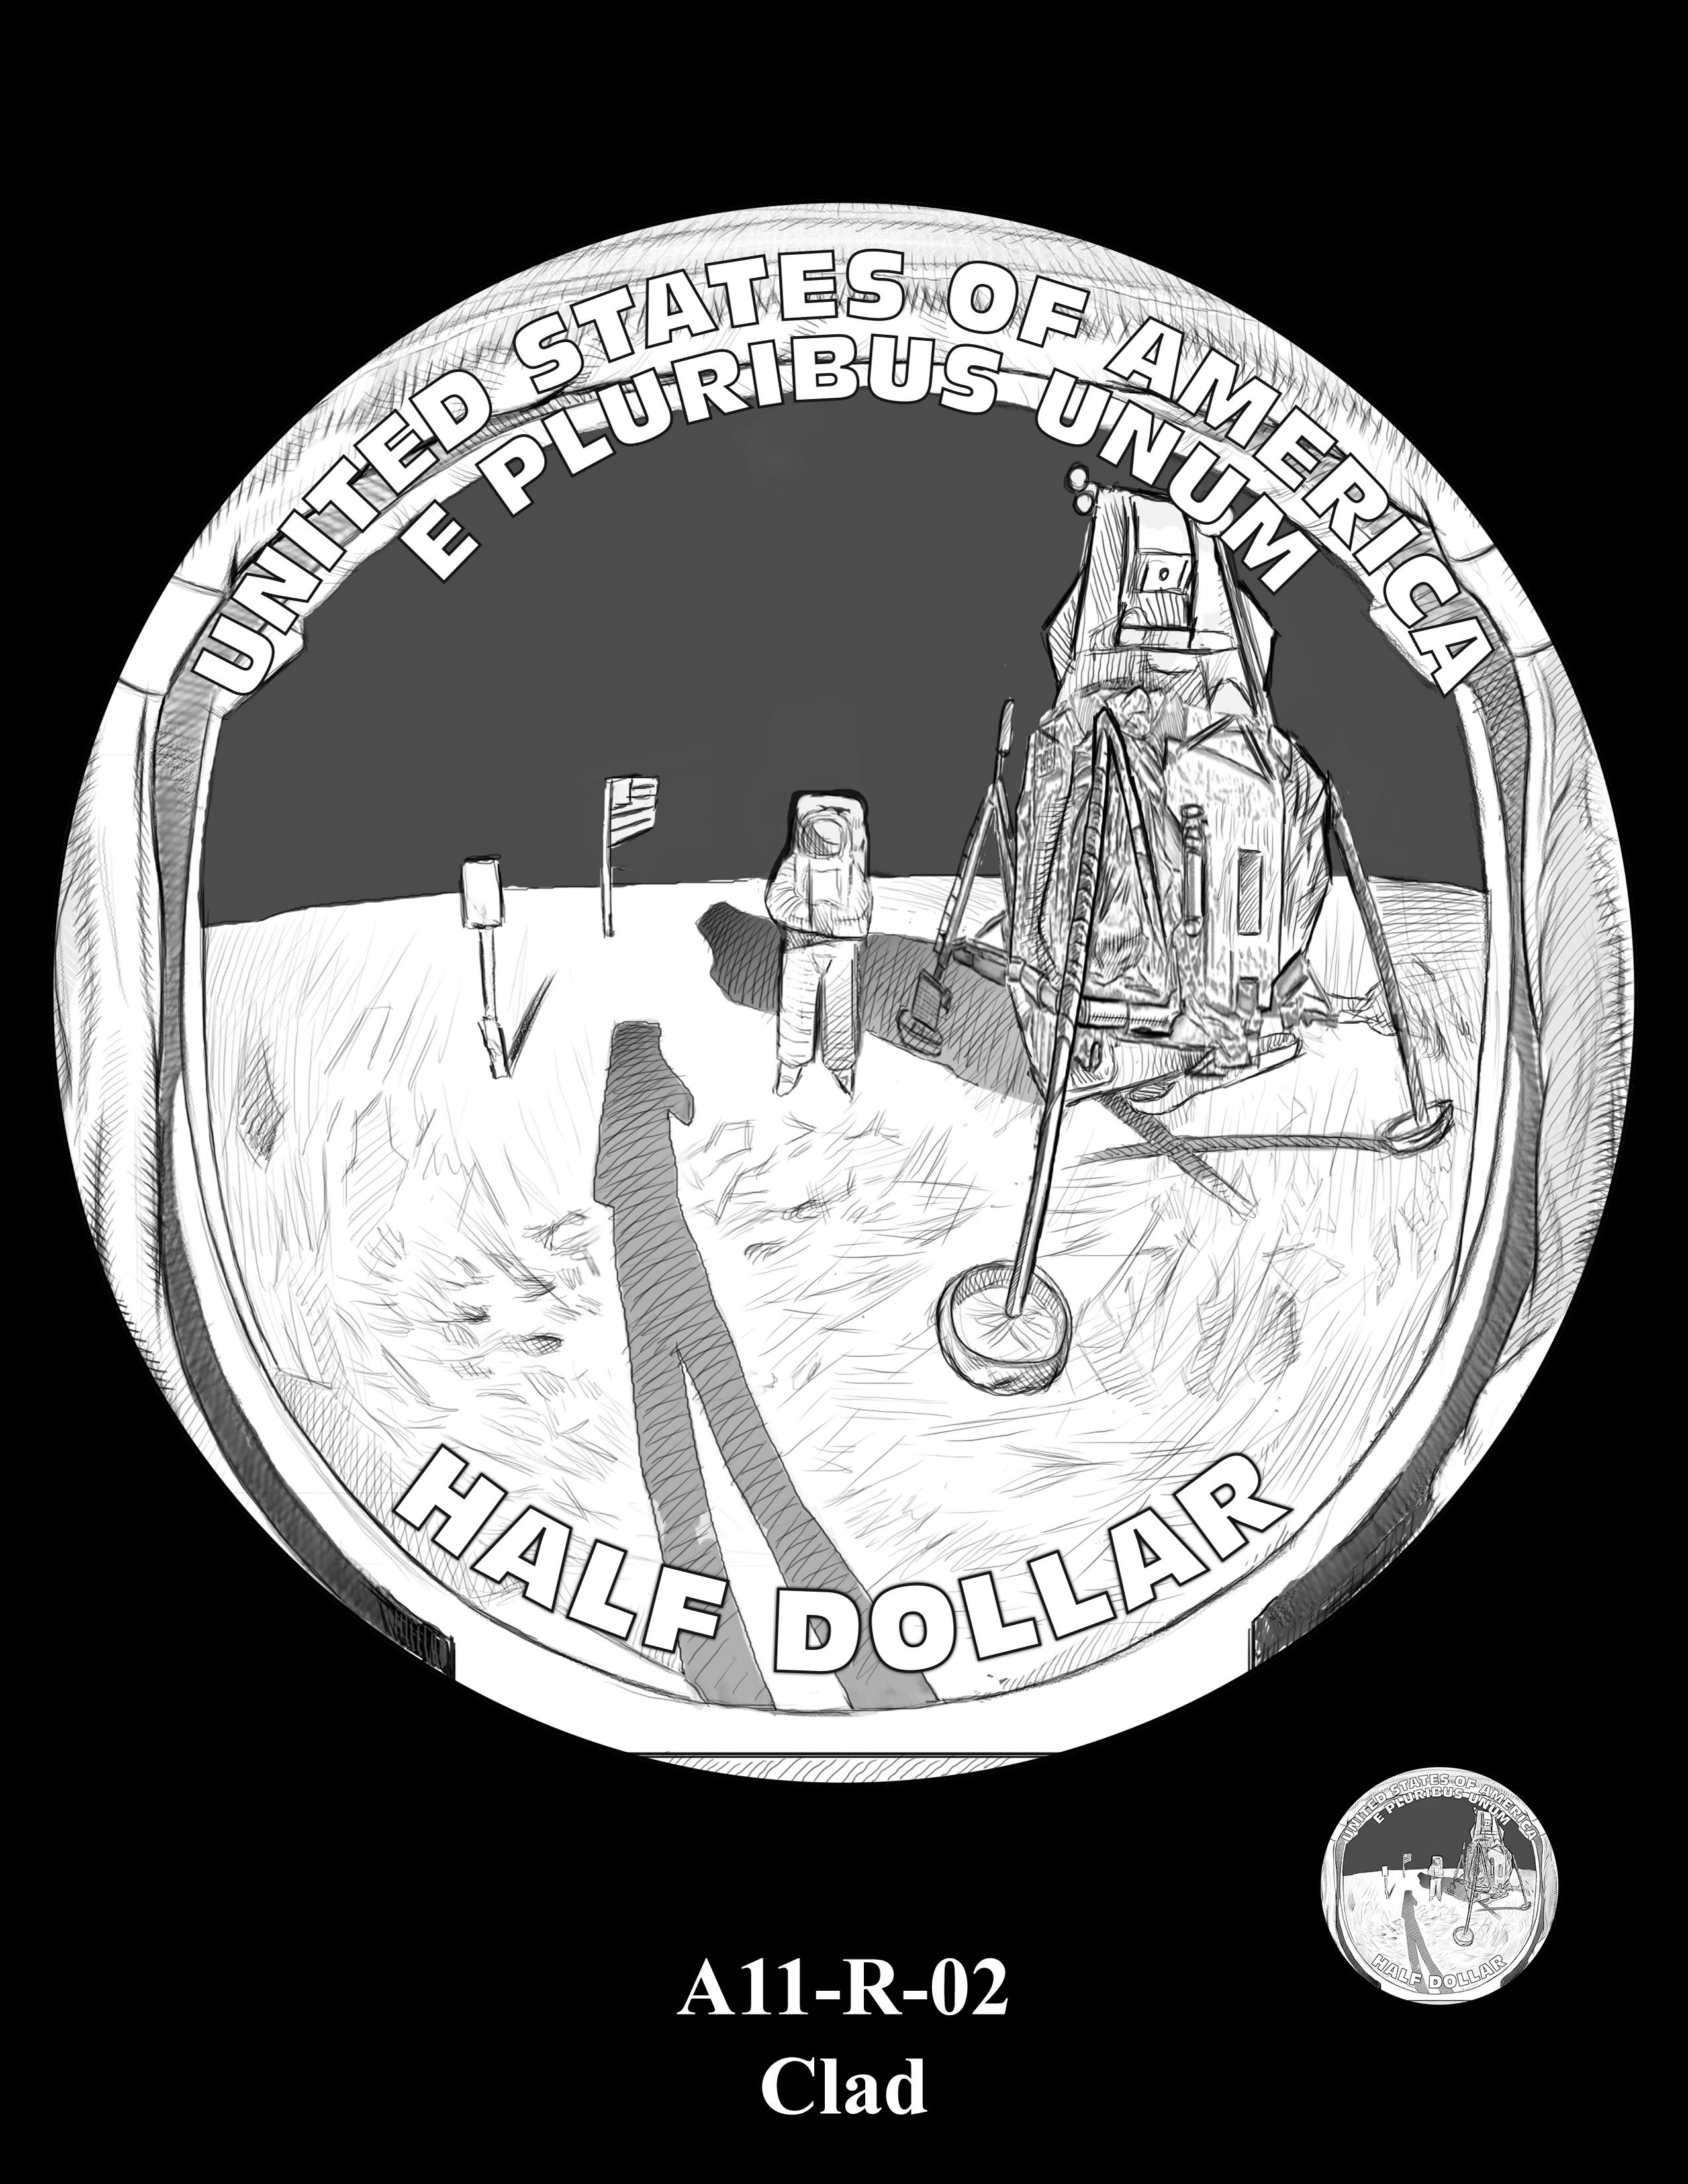 A11-R-02-CLAD -- 2019-Apollo 11 50th Anniversary Commemorative Coin